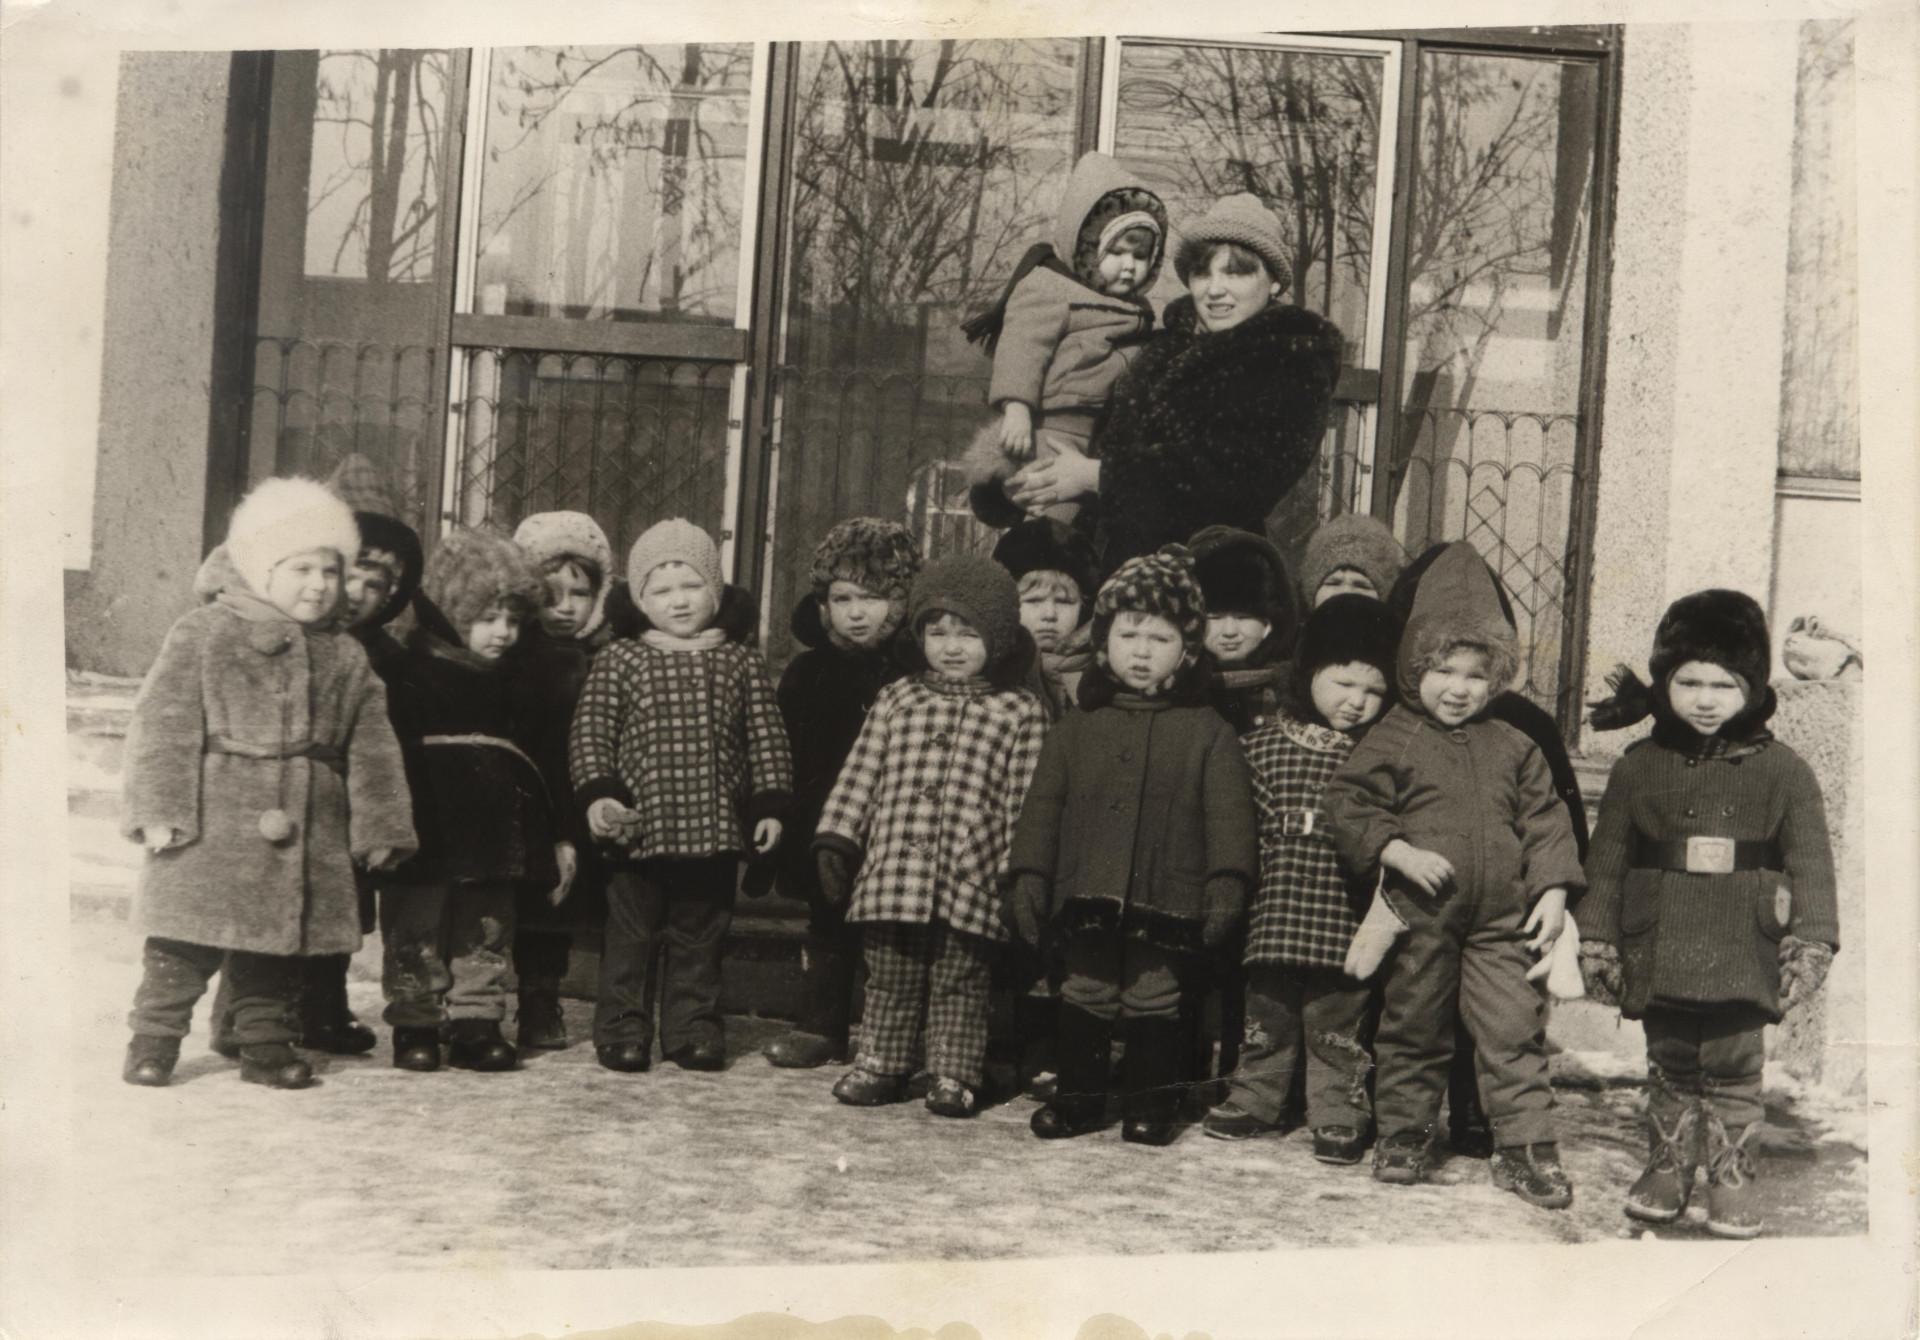 фото детсад Петушок 91 гр 5 1985 год small